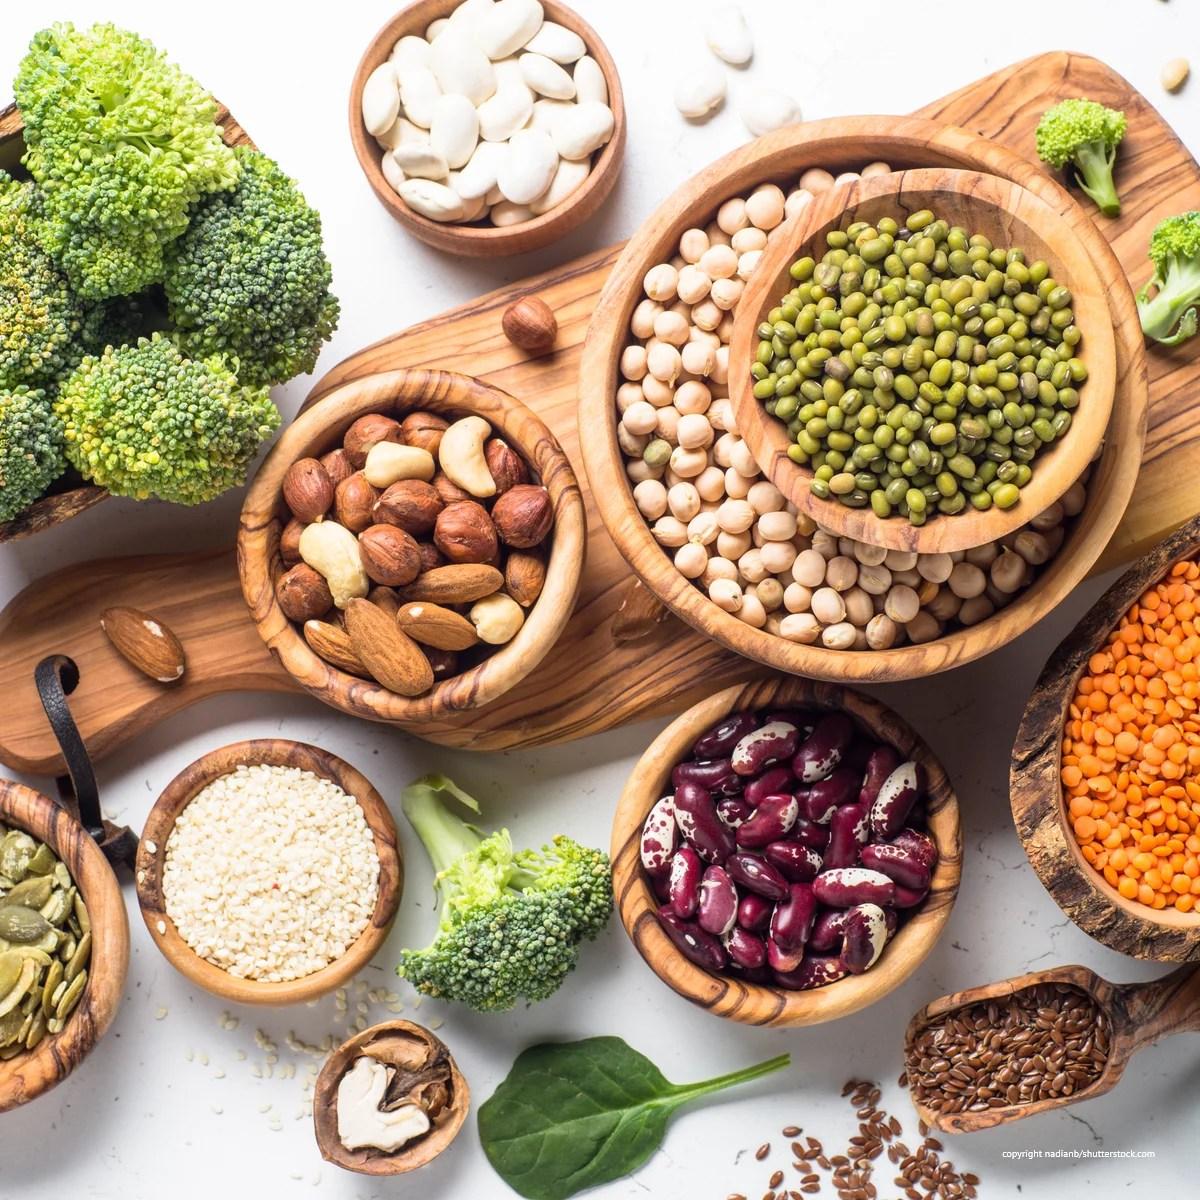 Hülsenfrüchte, Nüsse und Samen auf einem Küchenbrettchen dekoriert. Veganen Lebensmittel fehlt Vitamin B12.